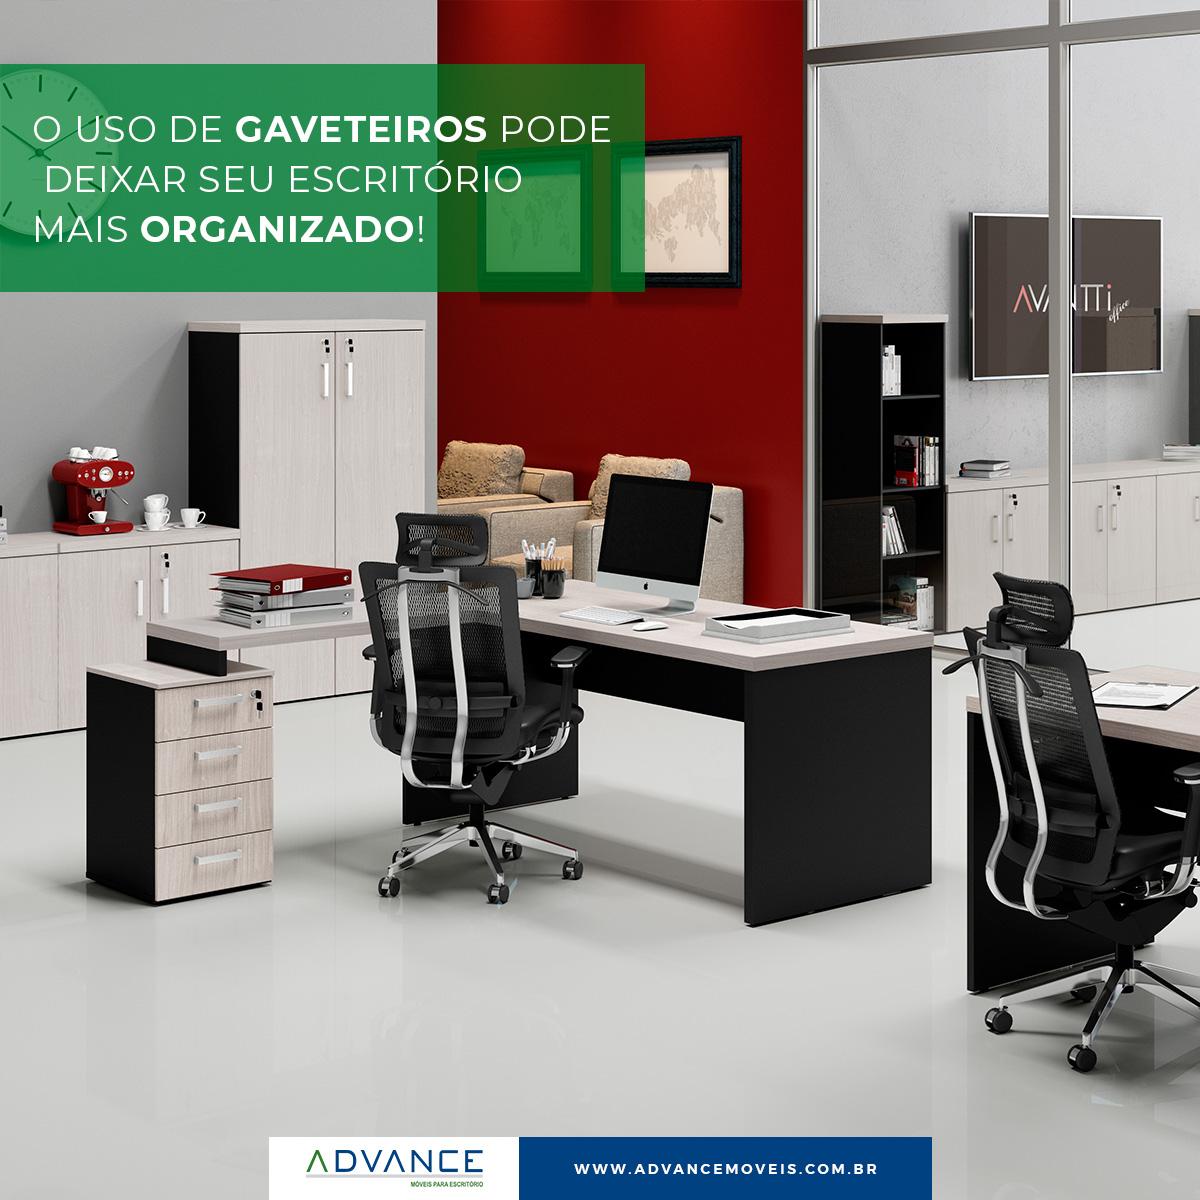 O uso de gaveteiros pode deixar seu escritório mais organizado.